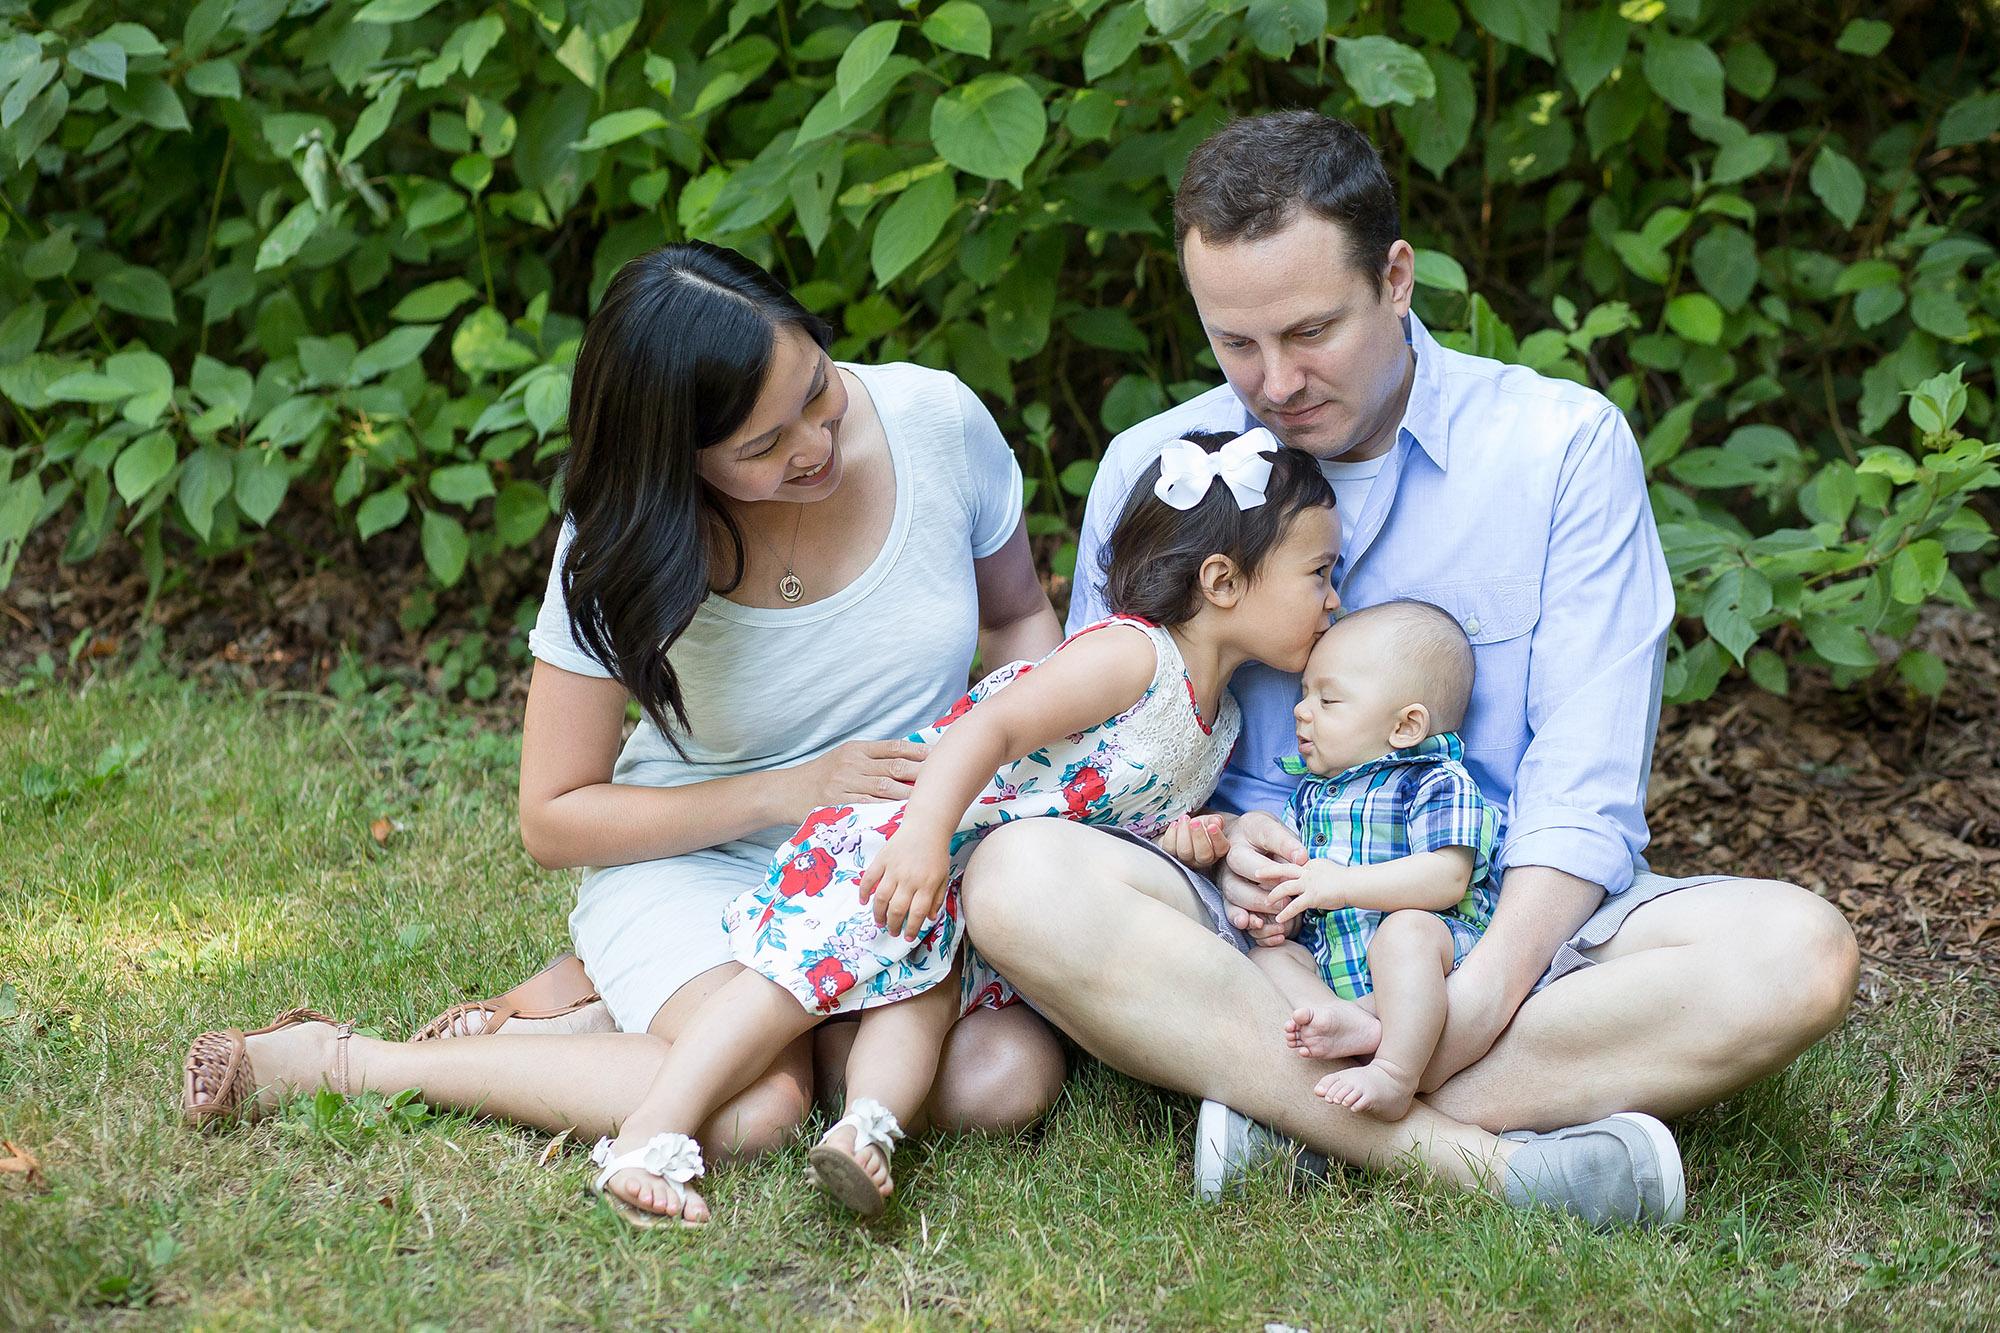 burkhardt-family022.jpg